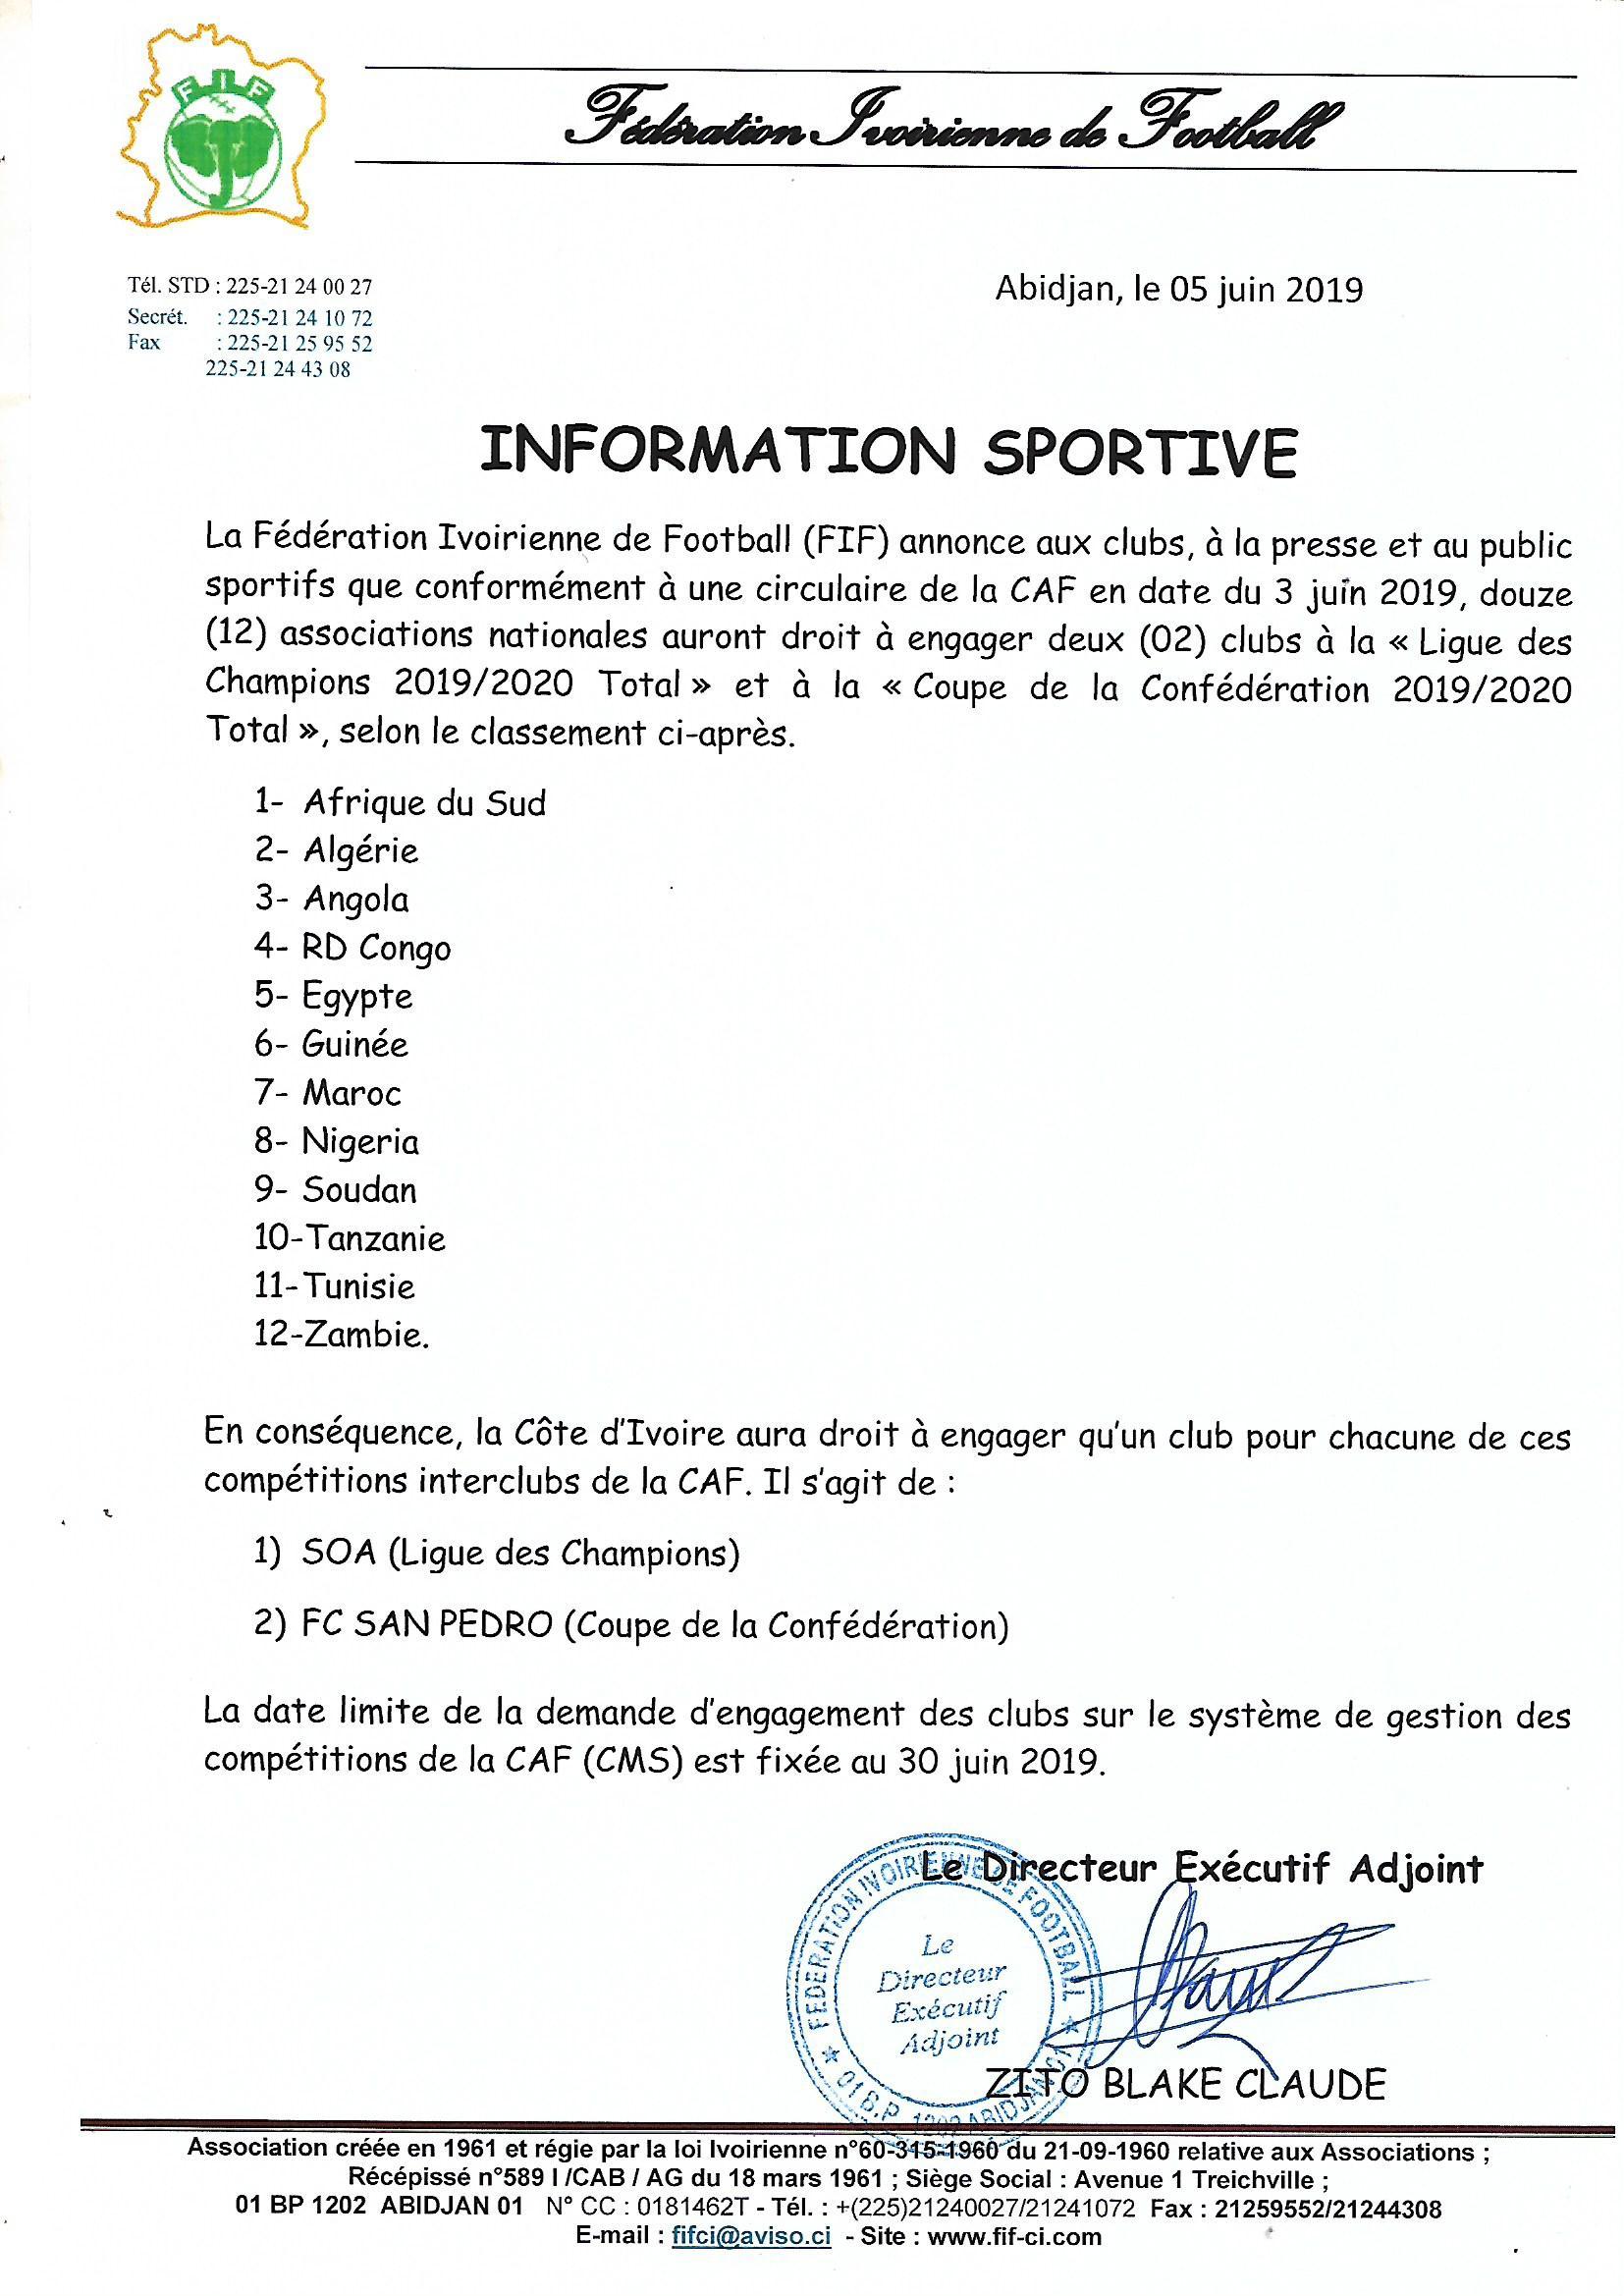 Calendrier De La Caf 2020.Competitions Interclubs Caf 2019 2020 La Cote D Ivoire Aura